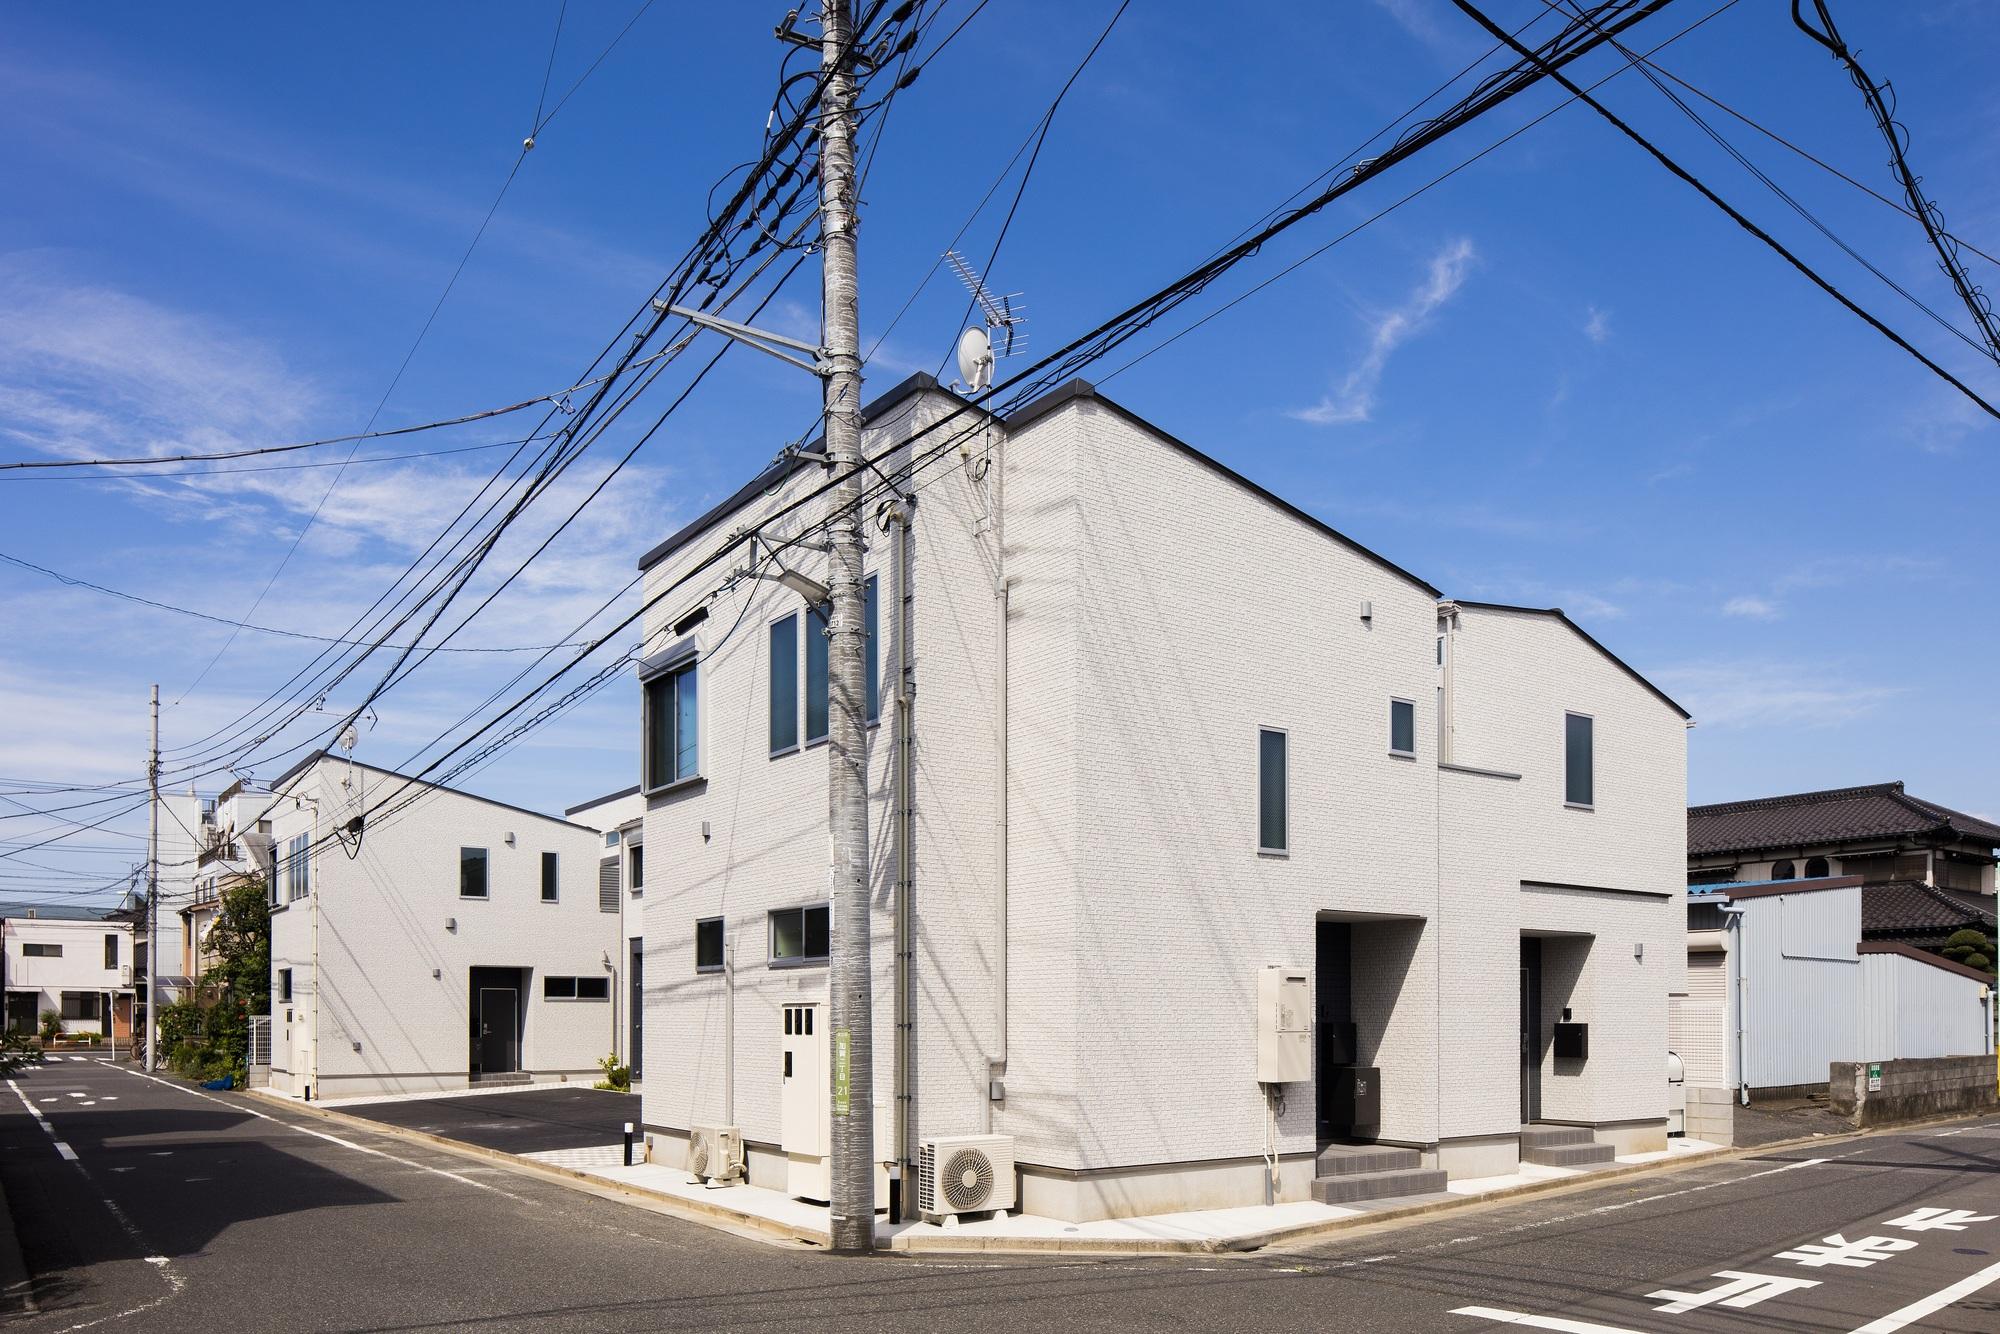 ライフスタイル提案型賃貸集合住宅 外観